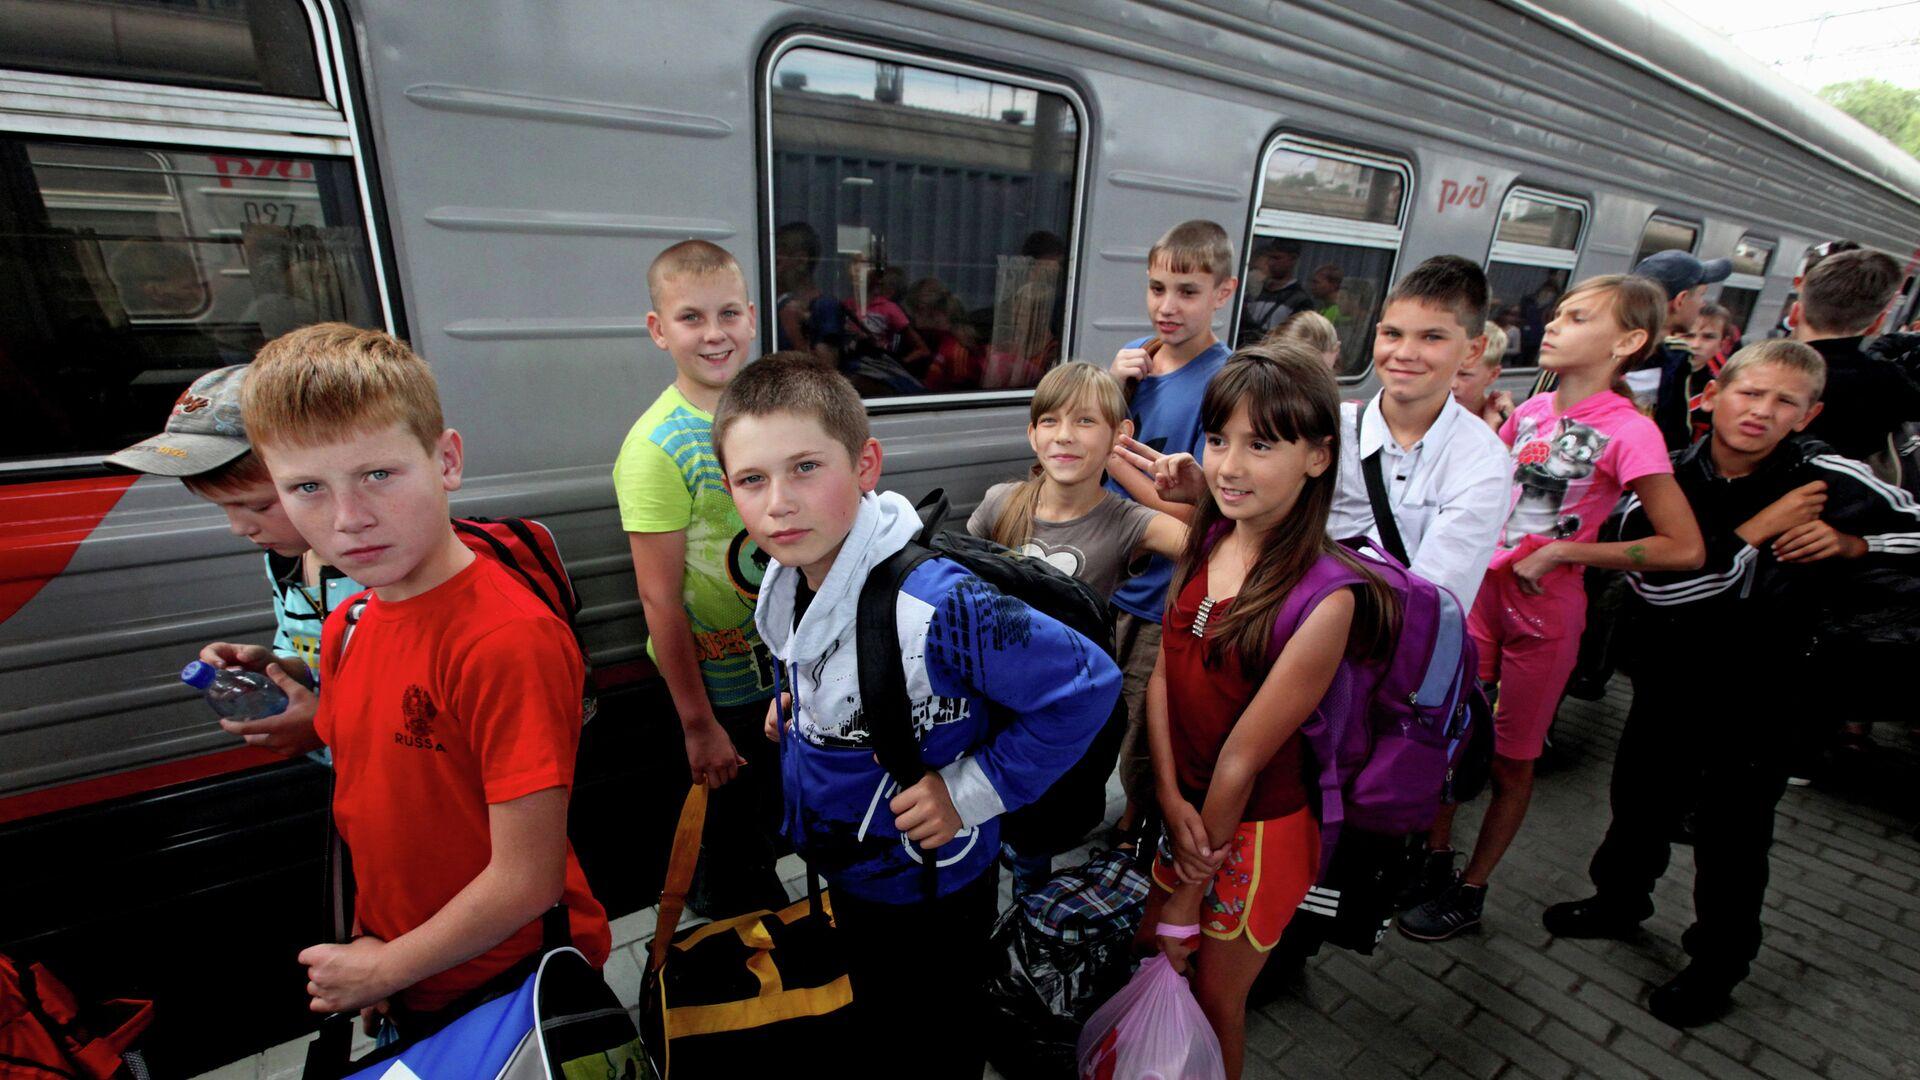 Дети из Амурской области прибыли на отдых во Владивосток - РИА Новости, 1920, 27.04.2021